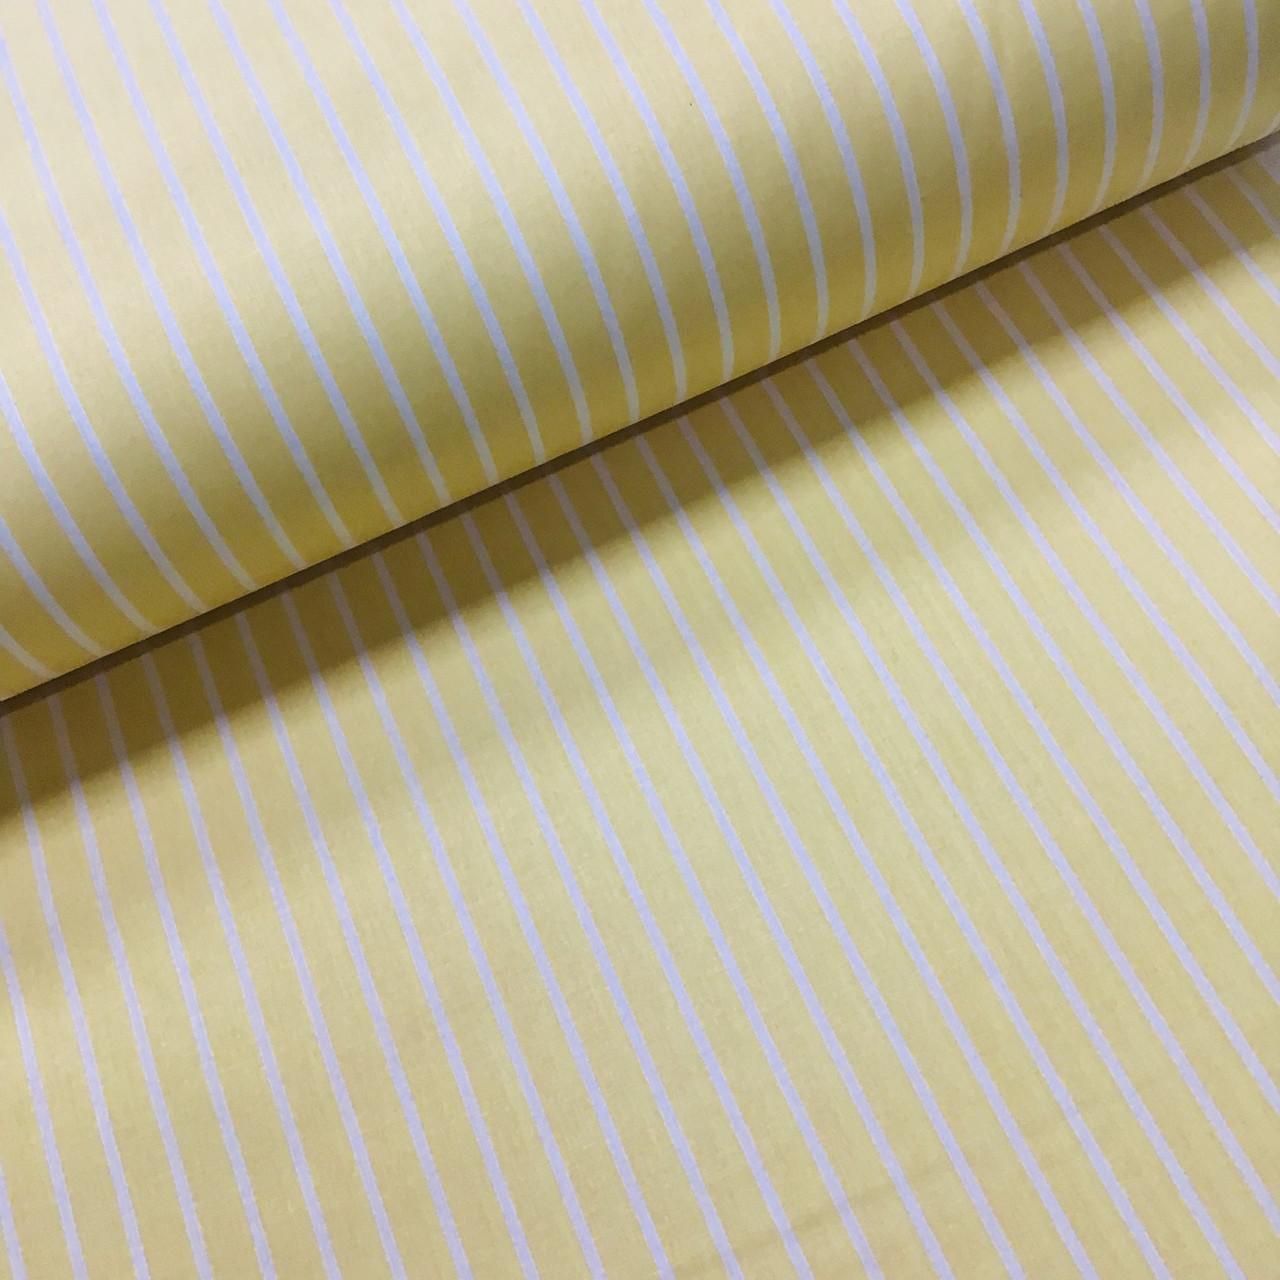 Ткань поплин белая полоска на желтом (ТУРЦИЯ шир. 2,4 м) №32-177